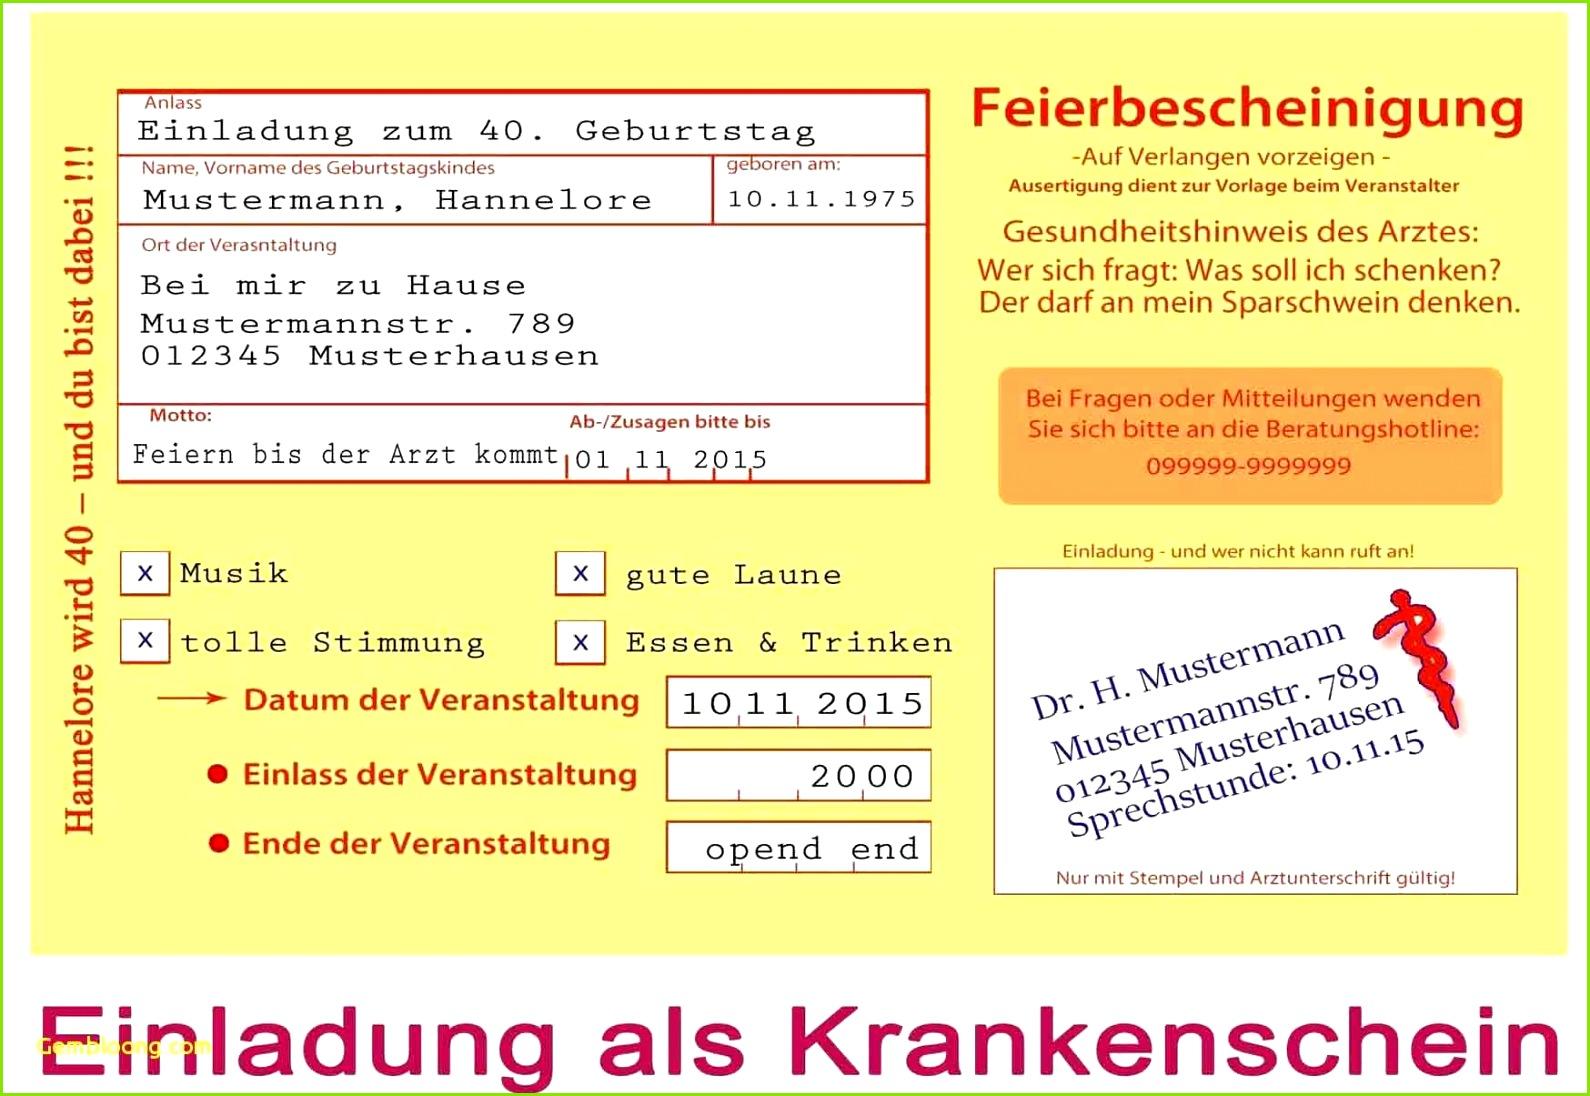 Gutschein Essen Gehen Vorlage Spruch Neu Vorlage Karte Schön Einladungskarten Vorlagen Geburtstag Vorlagen 33 Detaillierte